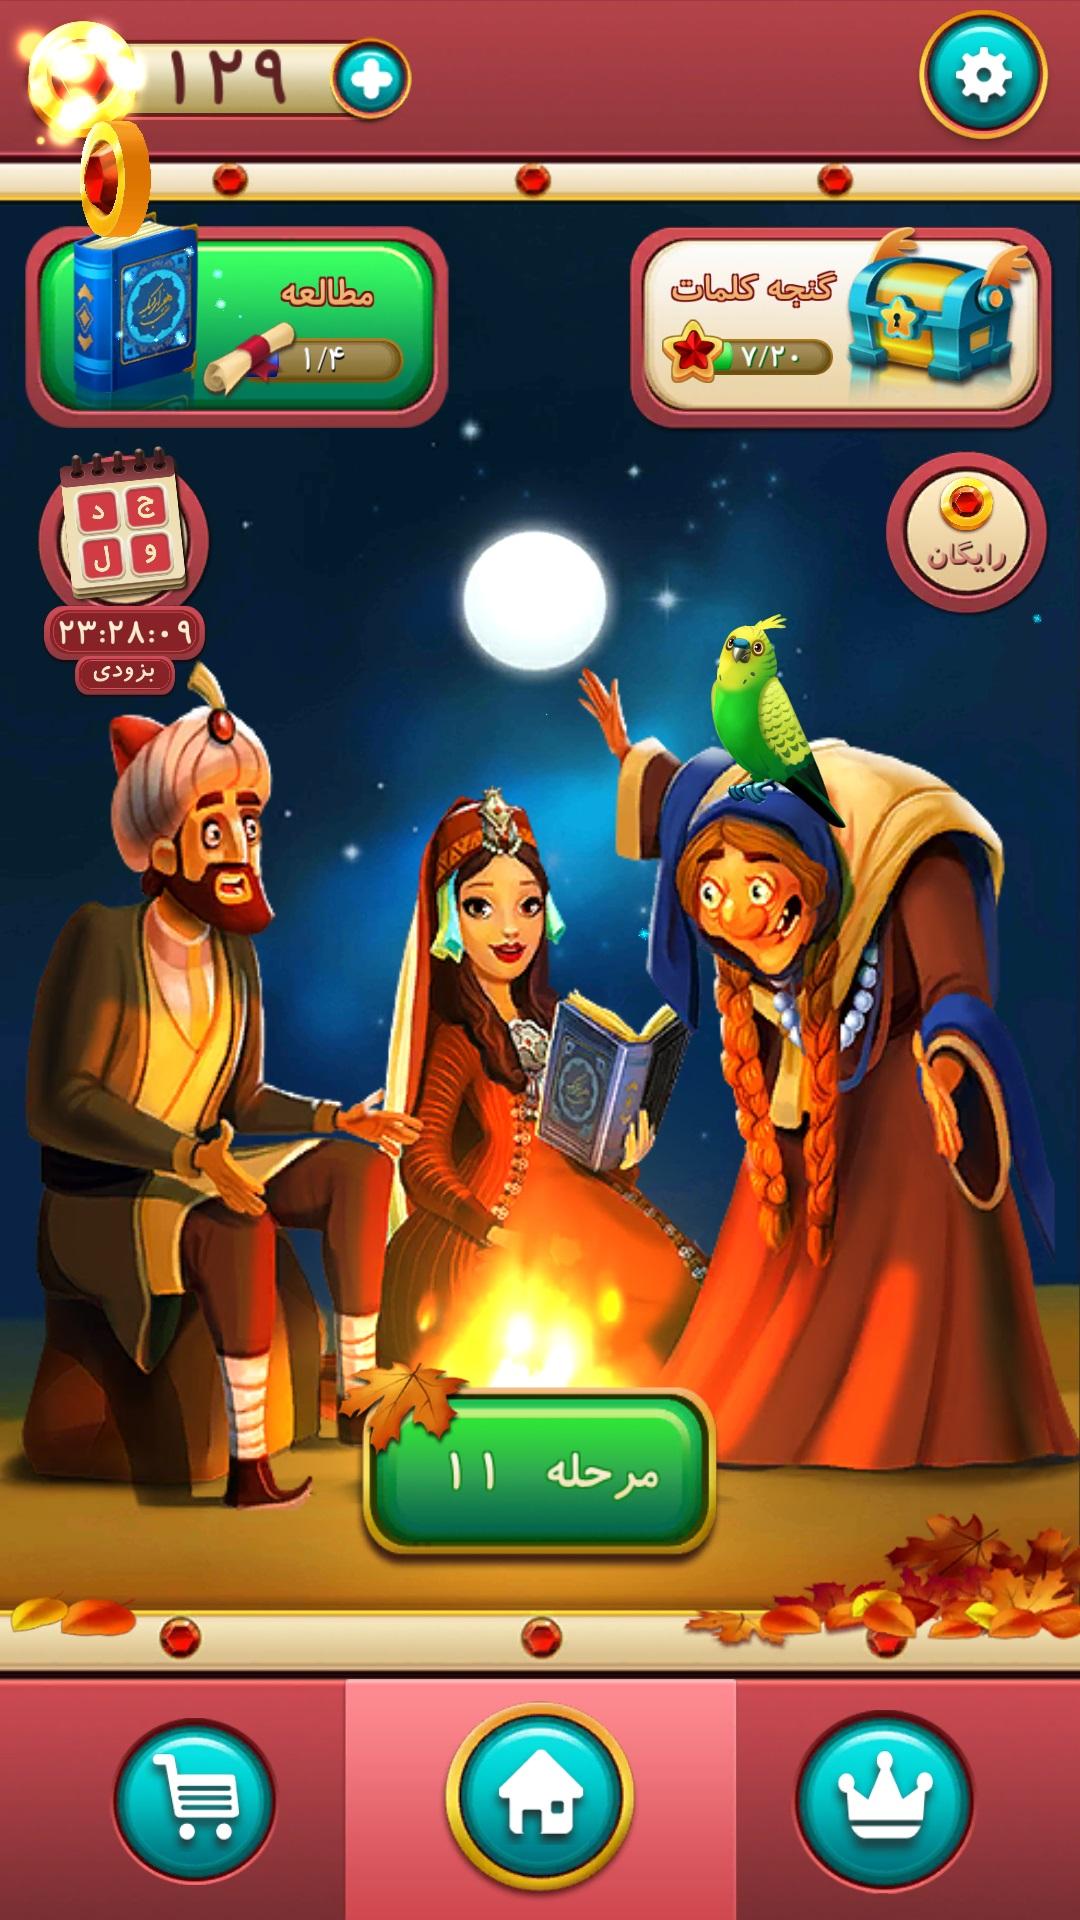 شهرزاد 8 - بررسی بازی «هزار افسان: شهزاد»؛ با حروف بازی کنید و افسانه بخوانید